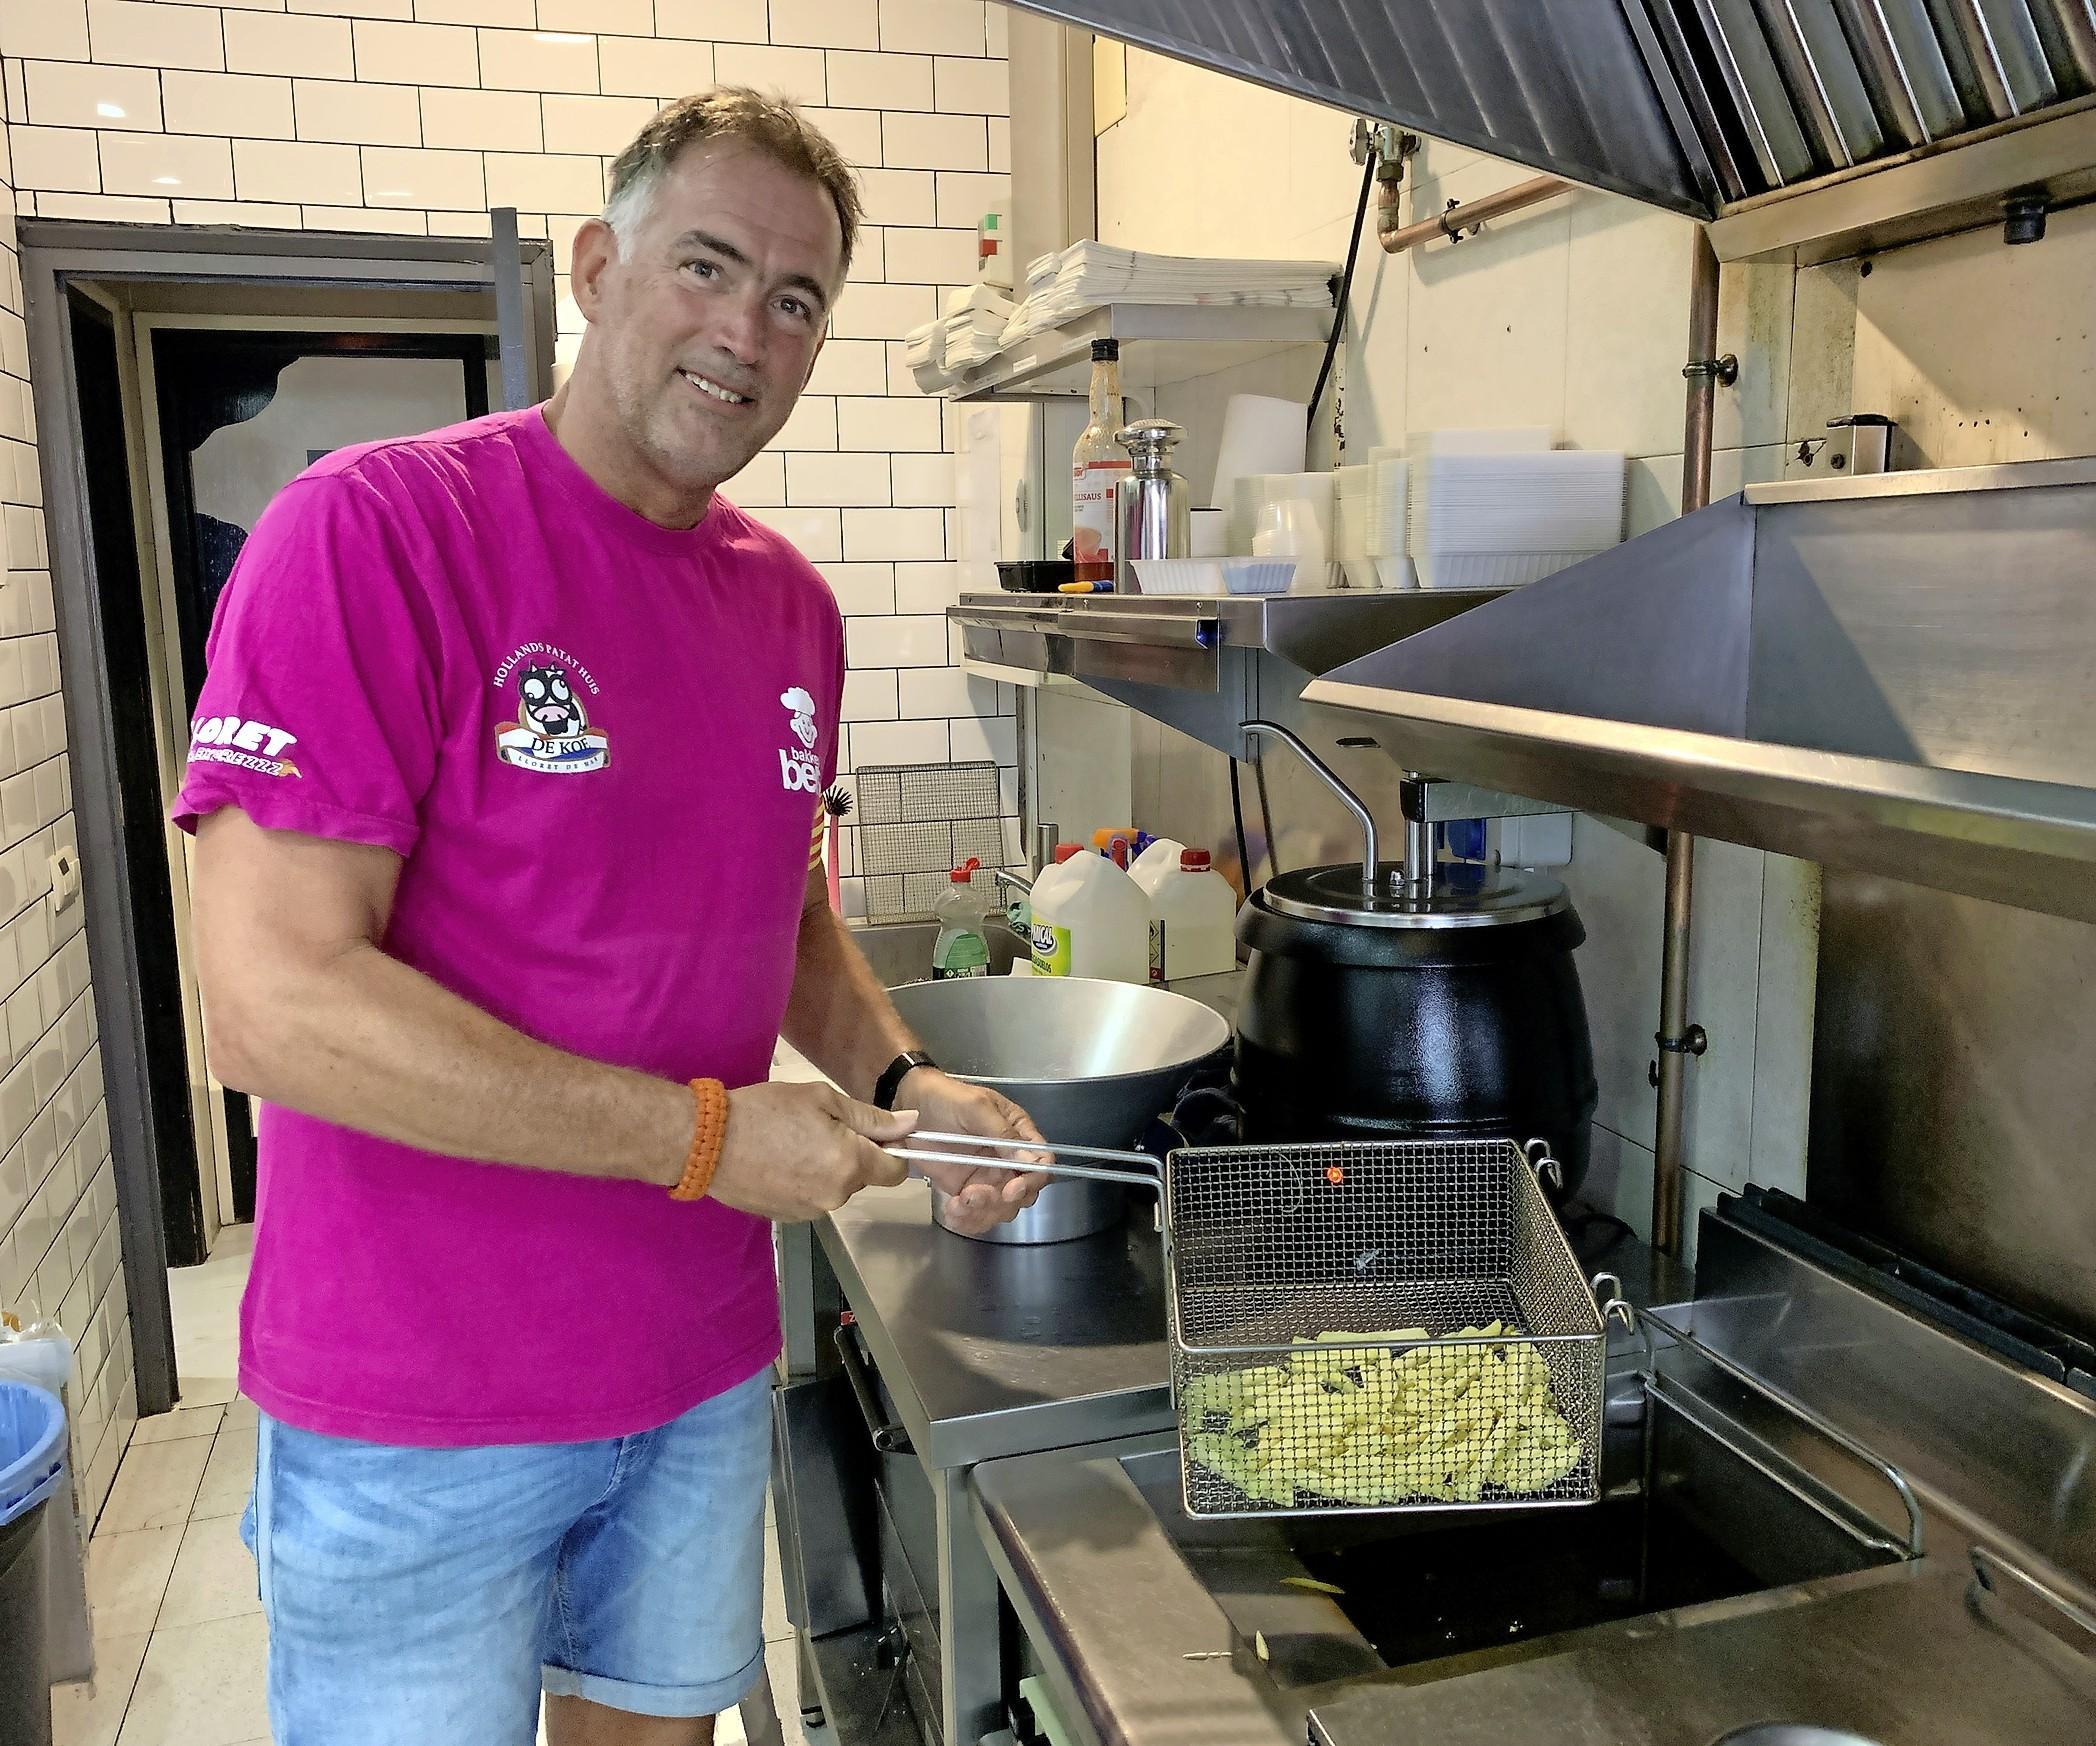 Uitgeester Eric Korver overleeft als patatbakker in Spanje: 'Ik dacht: nu ben ik bijna 57 en loop ik in Lloret de Mar in een koeienpak bij 35 graden'